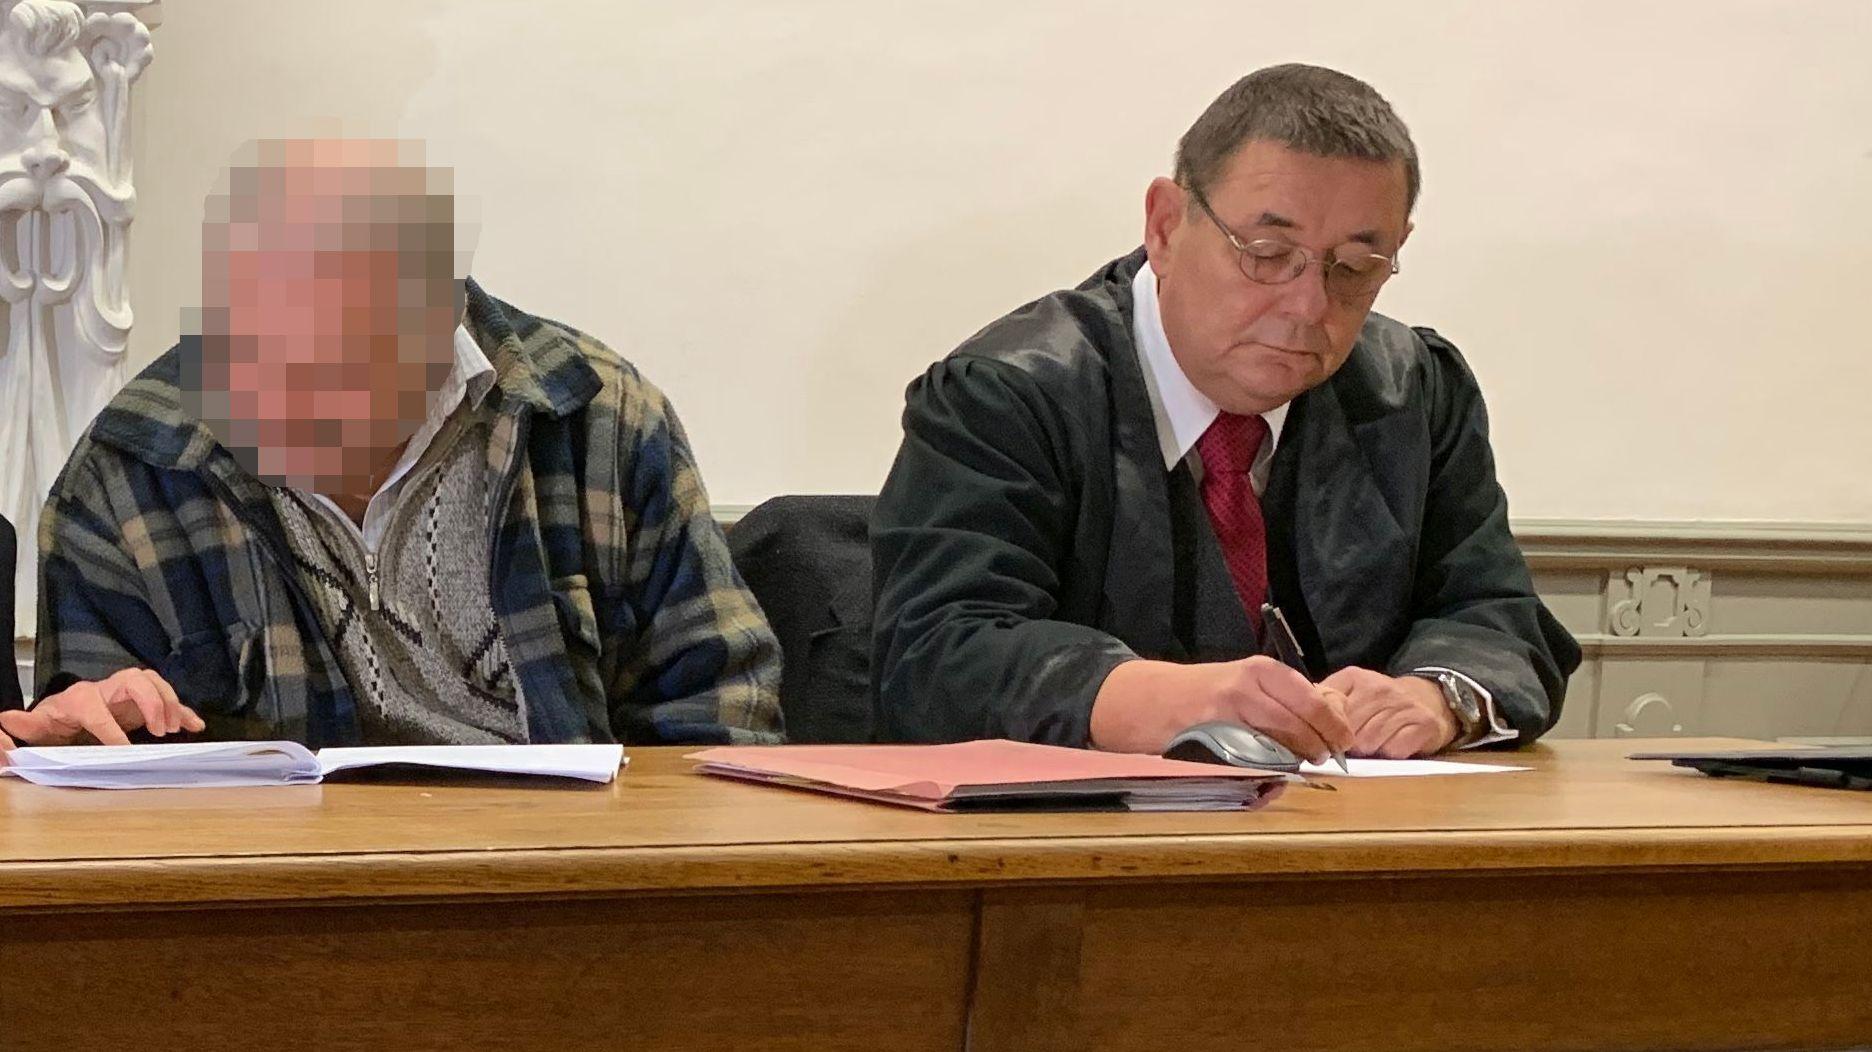 Der Angeklagte und sein Verteidiger im Gerichtssaal.